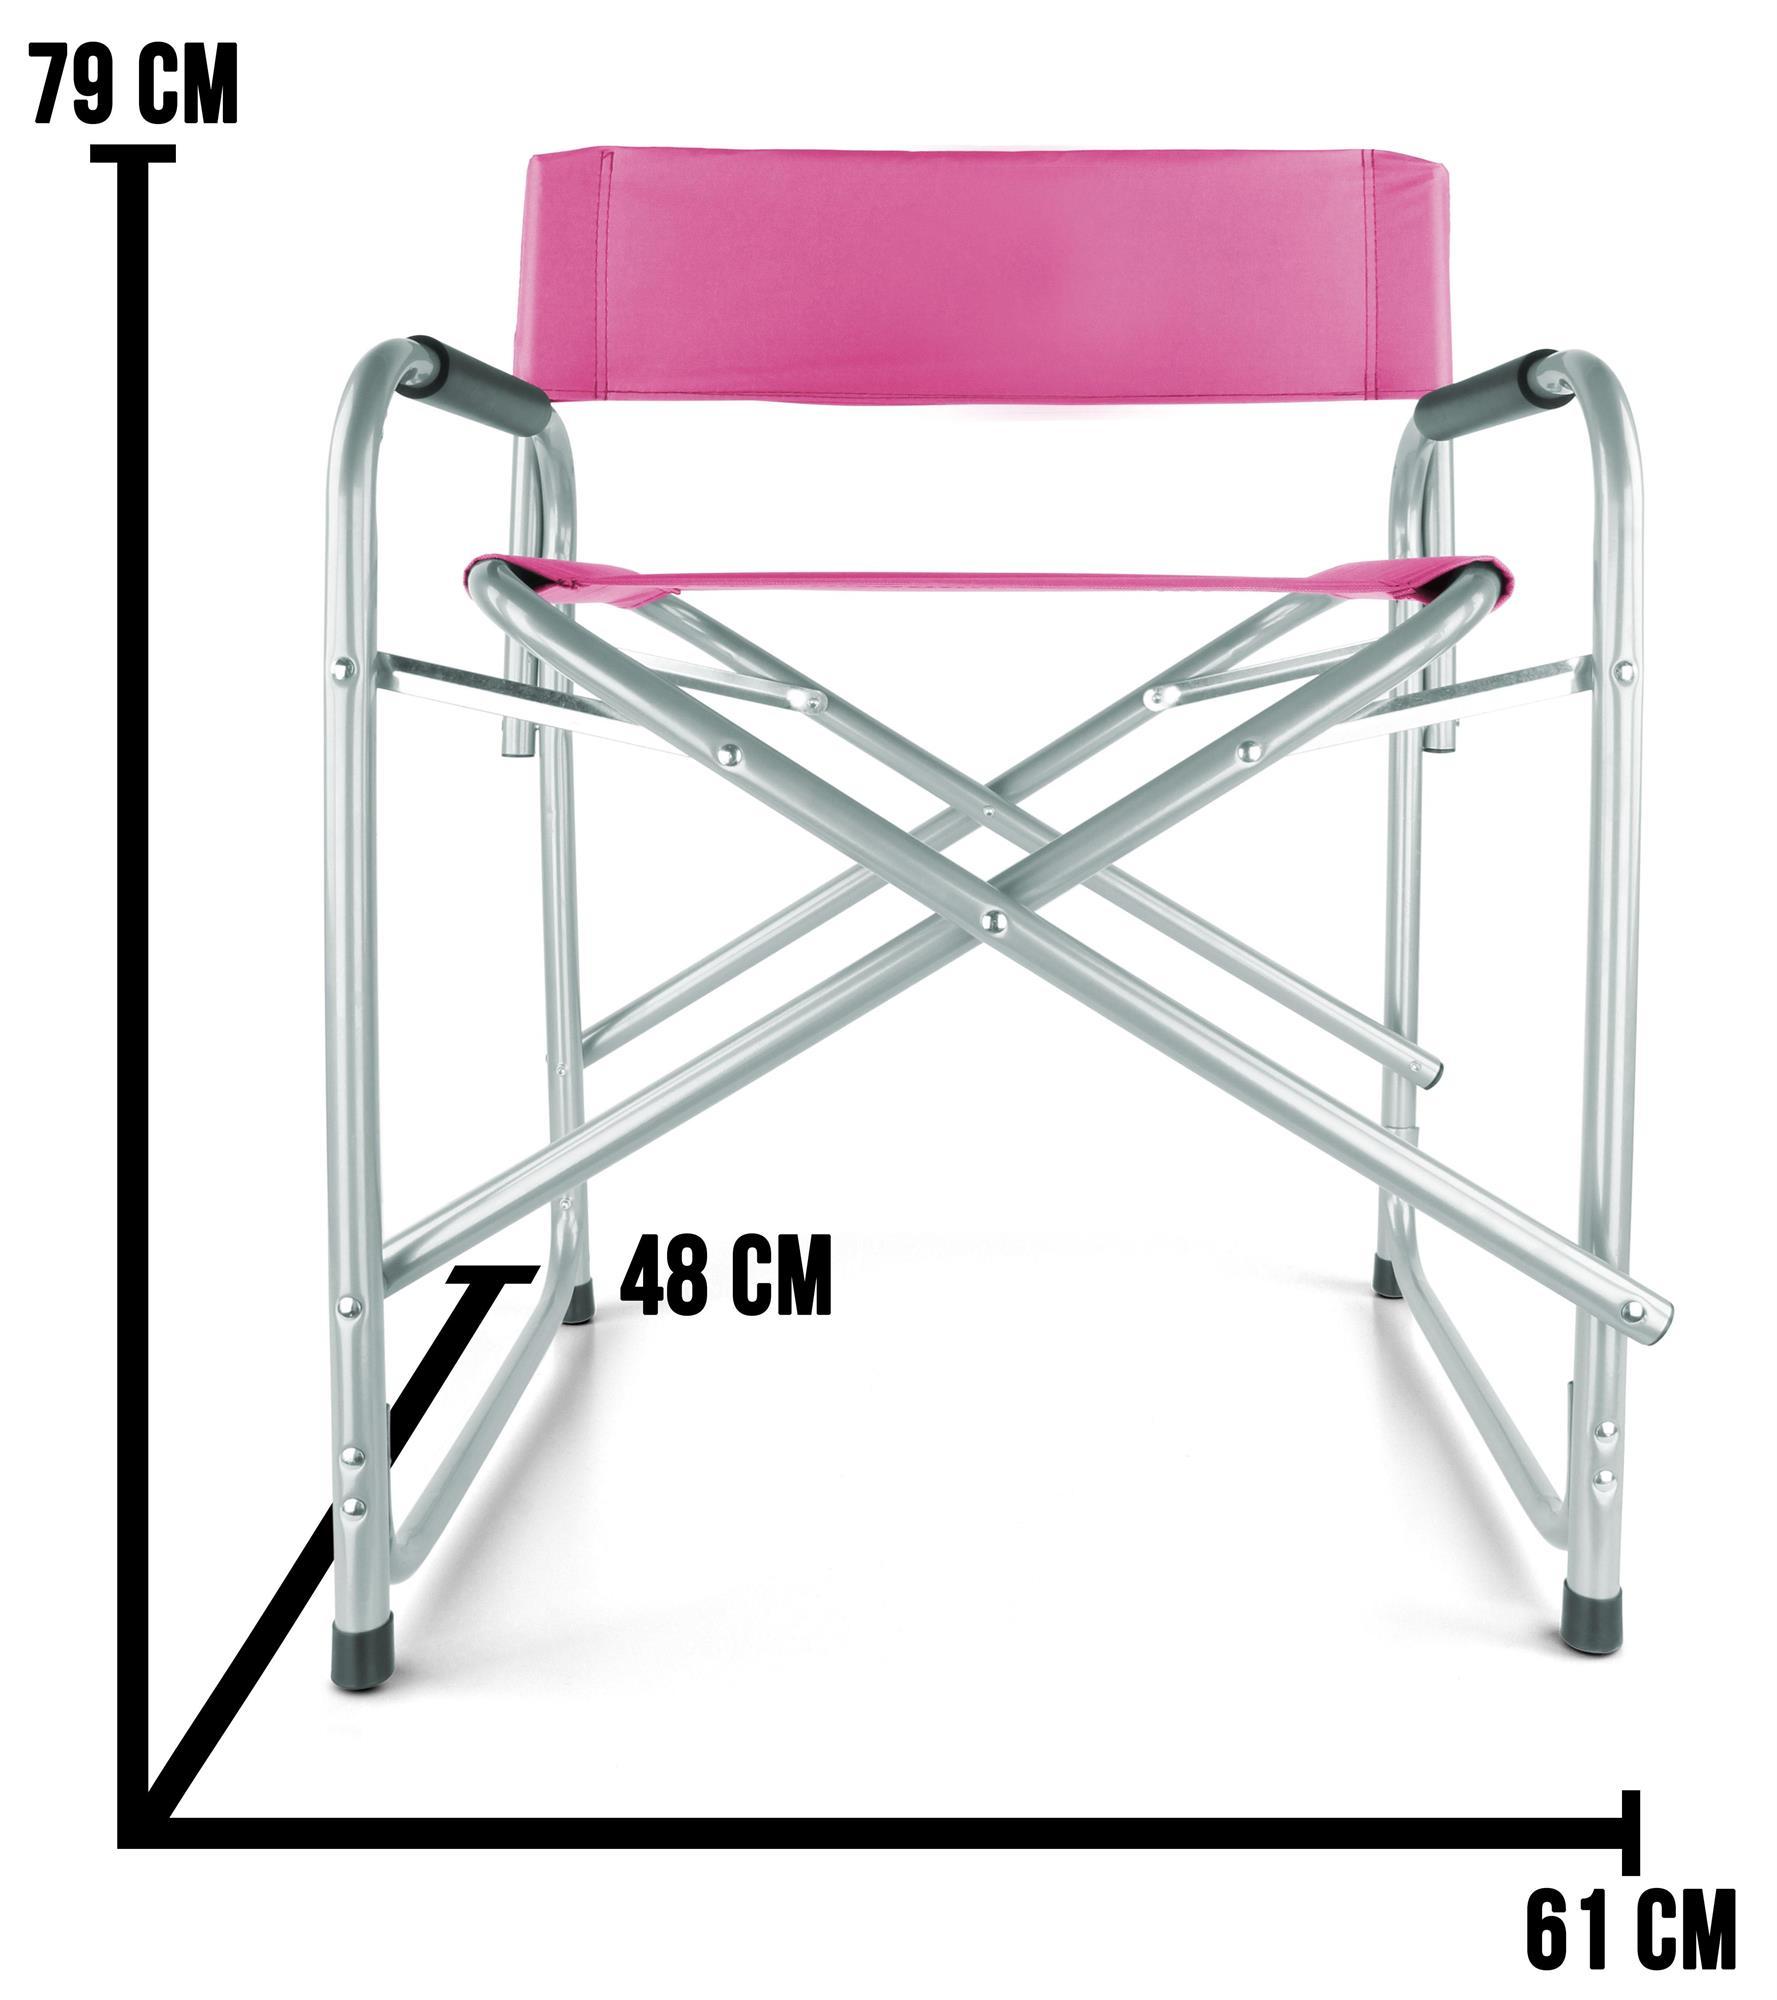 Campingstuhl Regiestul Faltstuhl mit Armlehnen faltbar bis 150 Kg Deck Chair